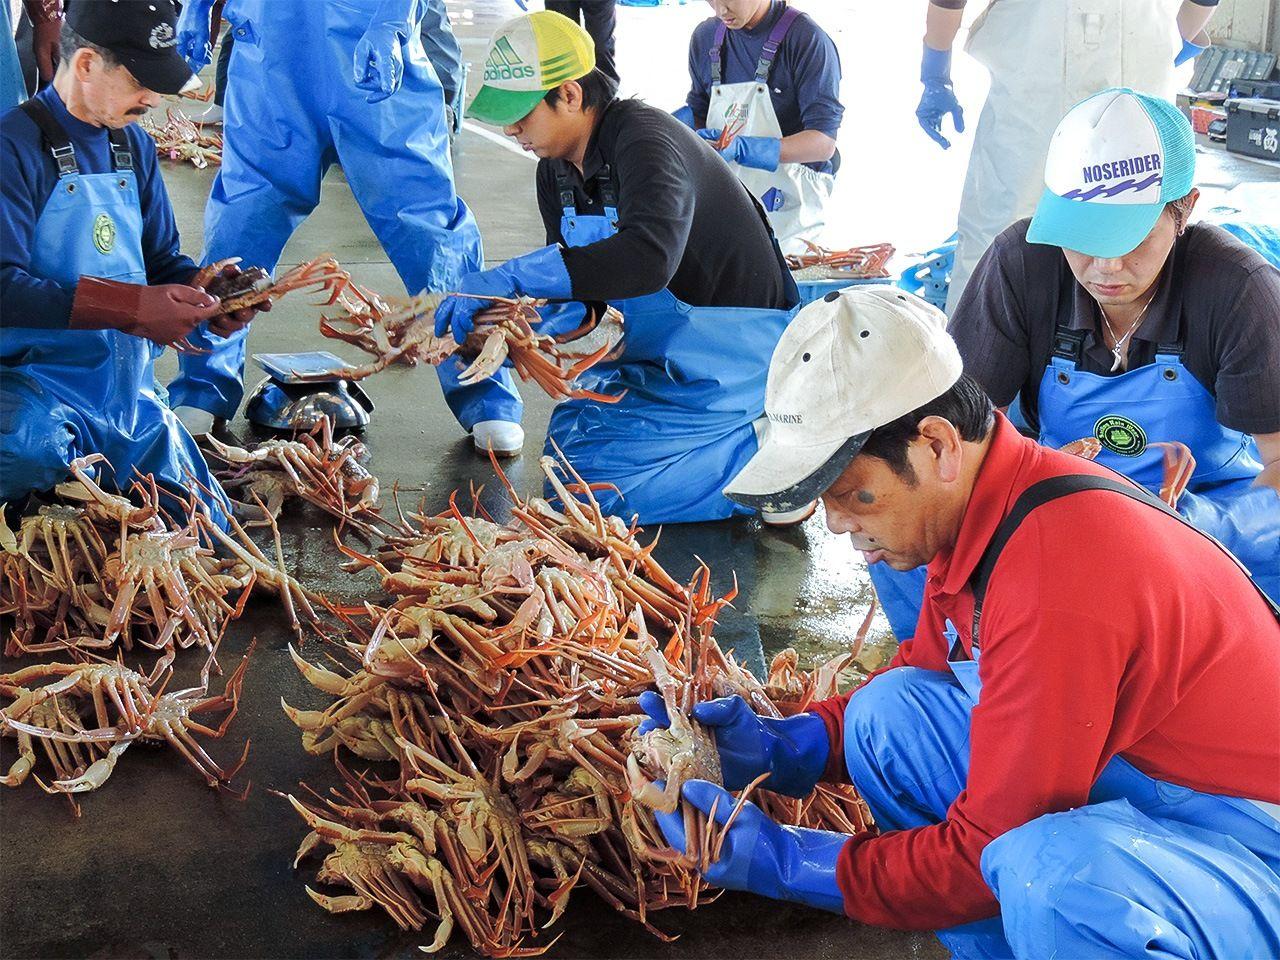 Сортировка снежного краба в рыболовном порту Сибаяма. Перед отправкой на аукцион крабов тщательно оценивают по различным параметрам